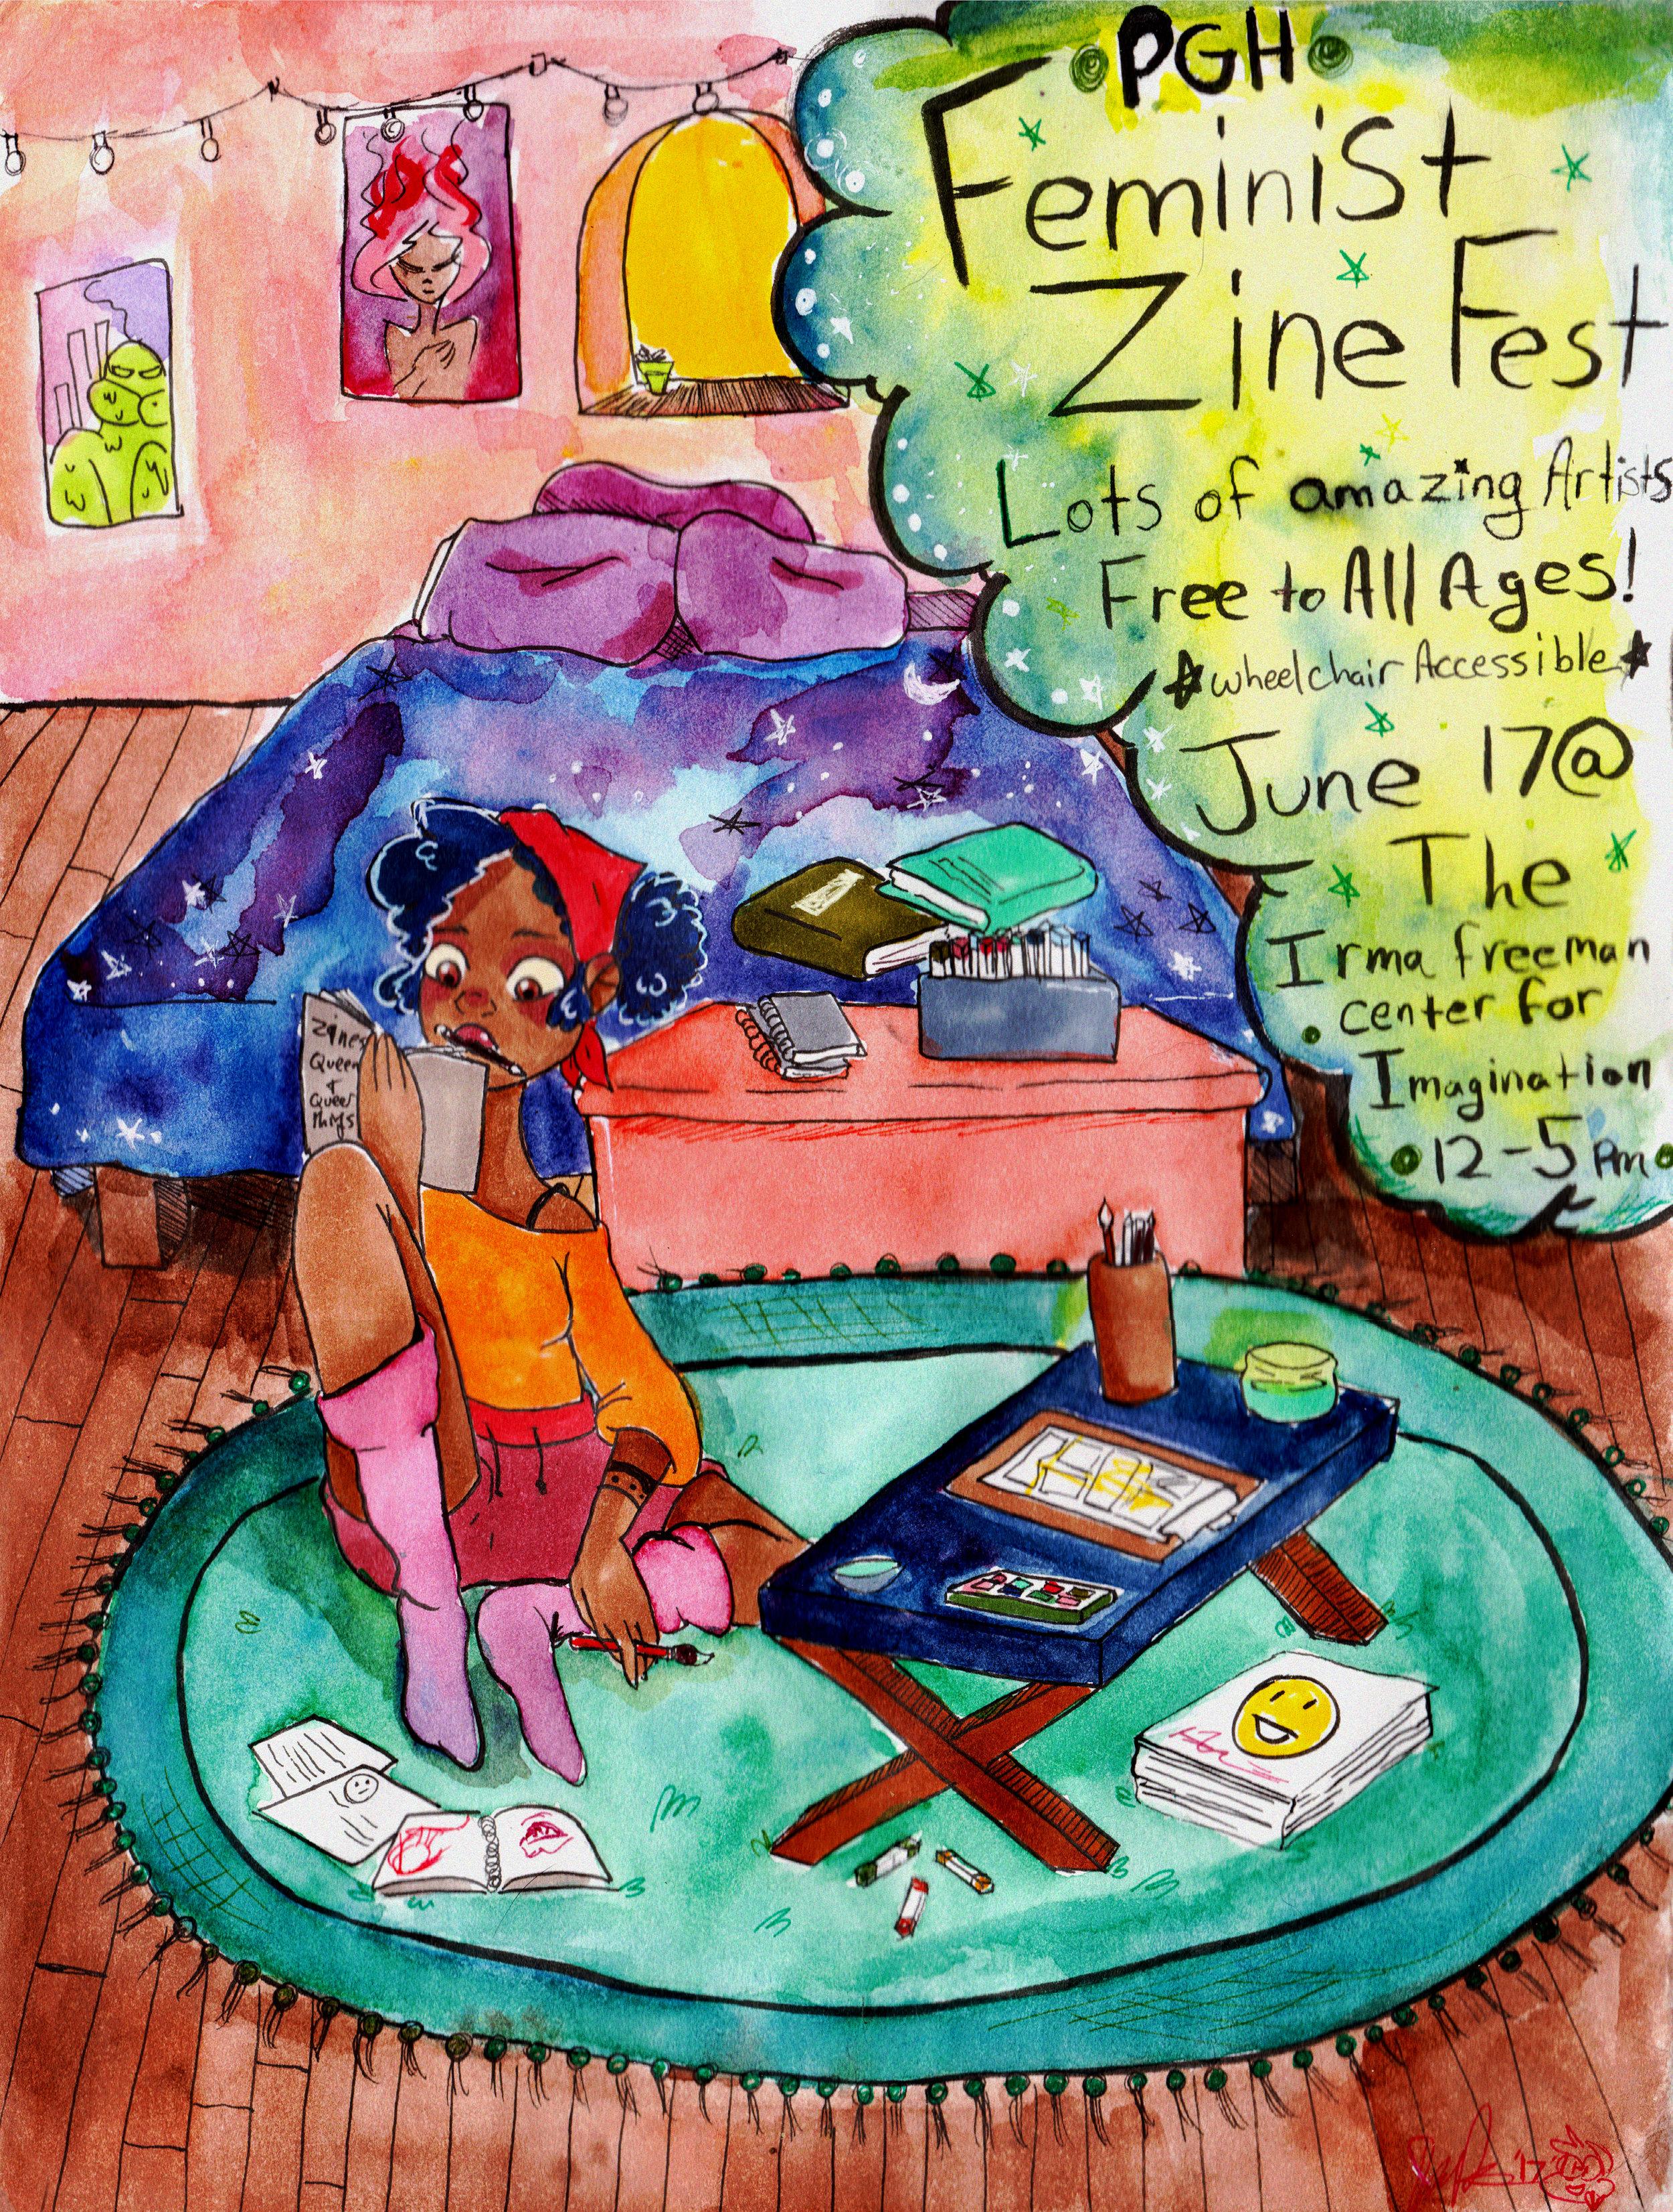 Feminist Zine Fest Poster